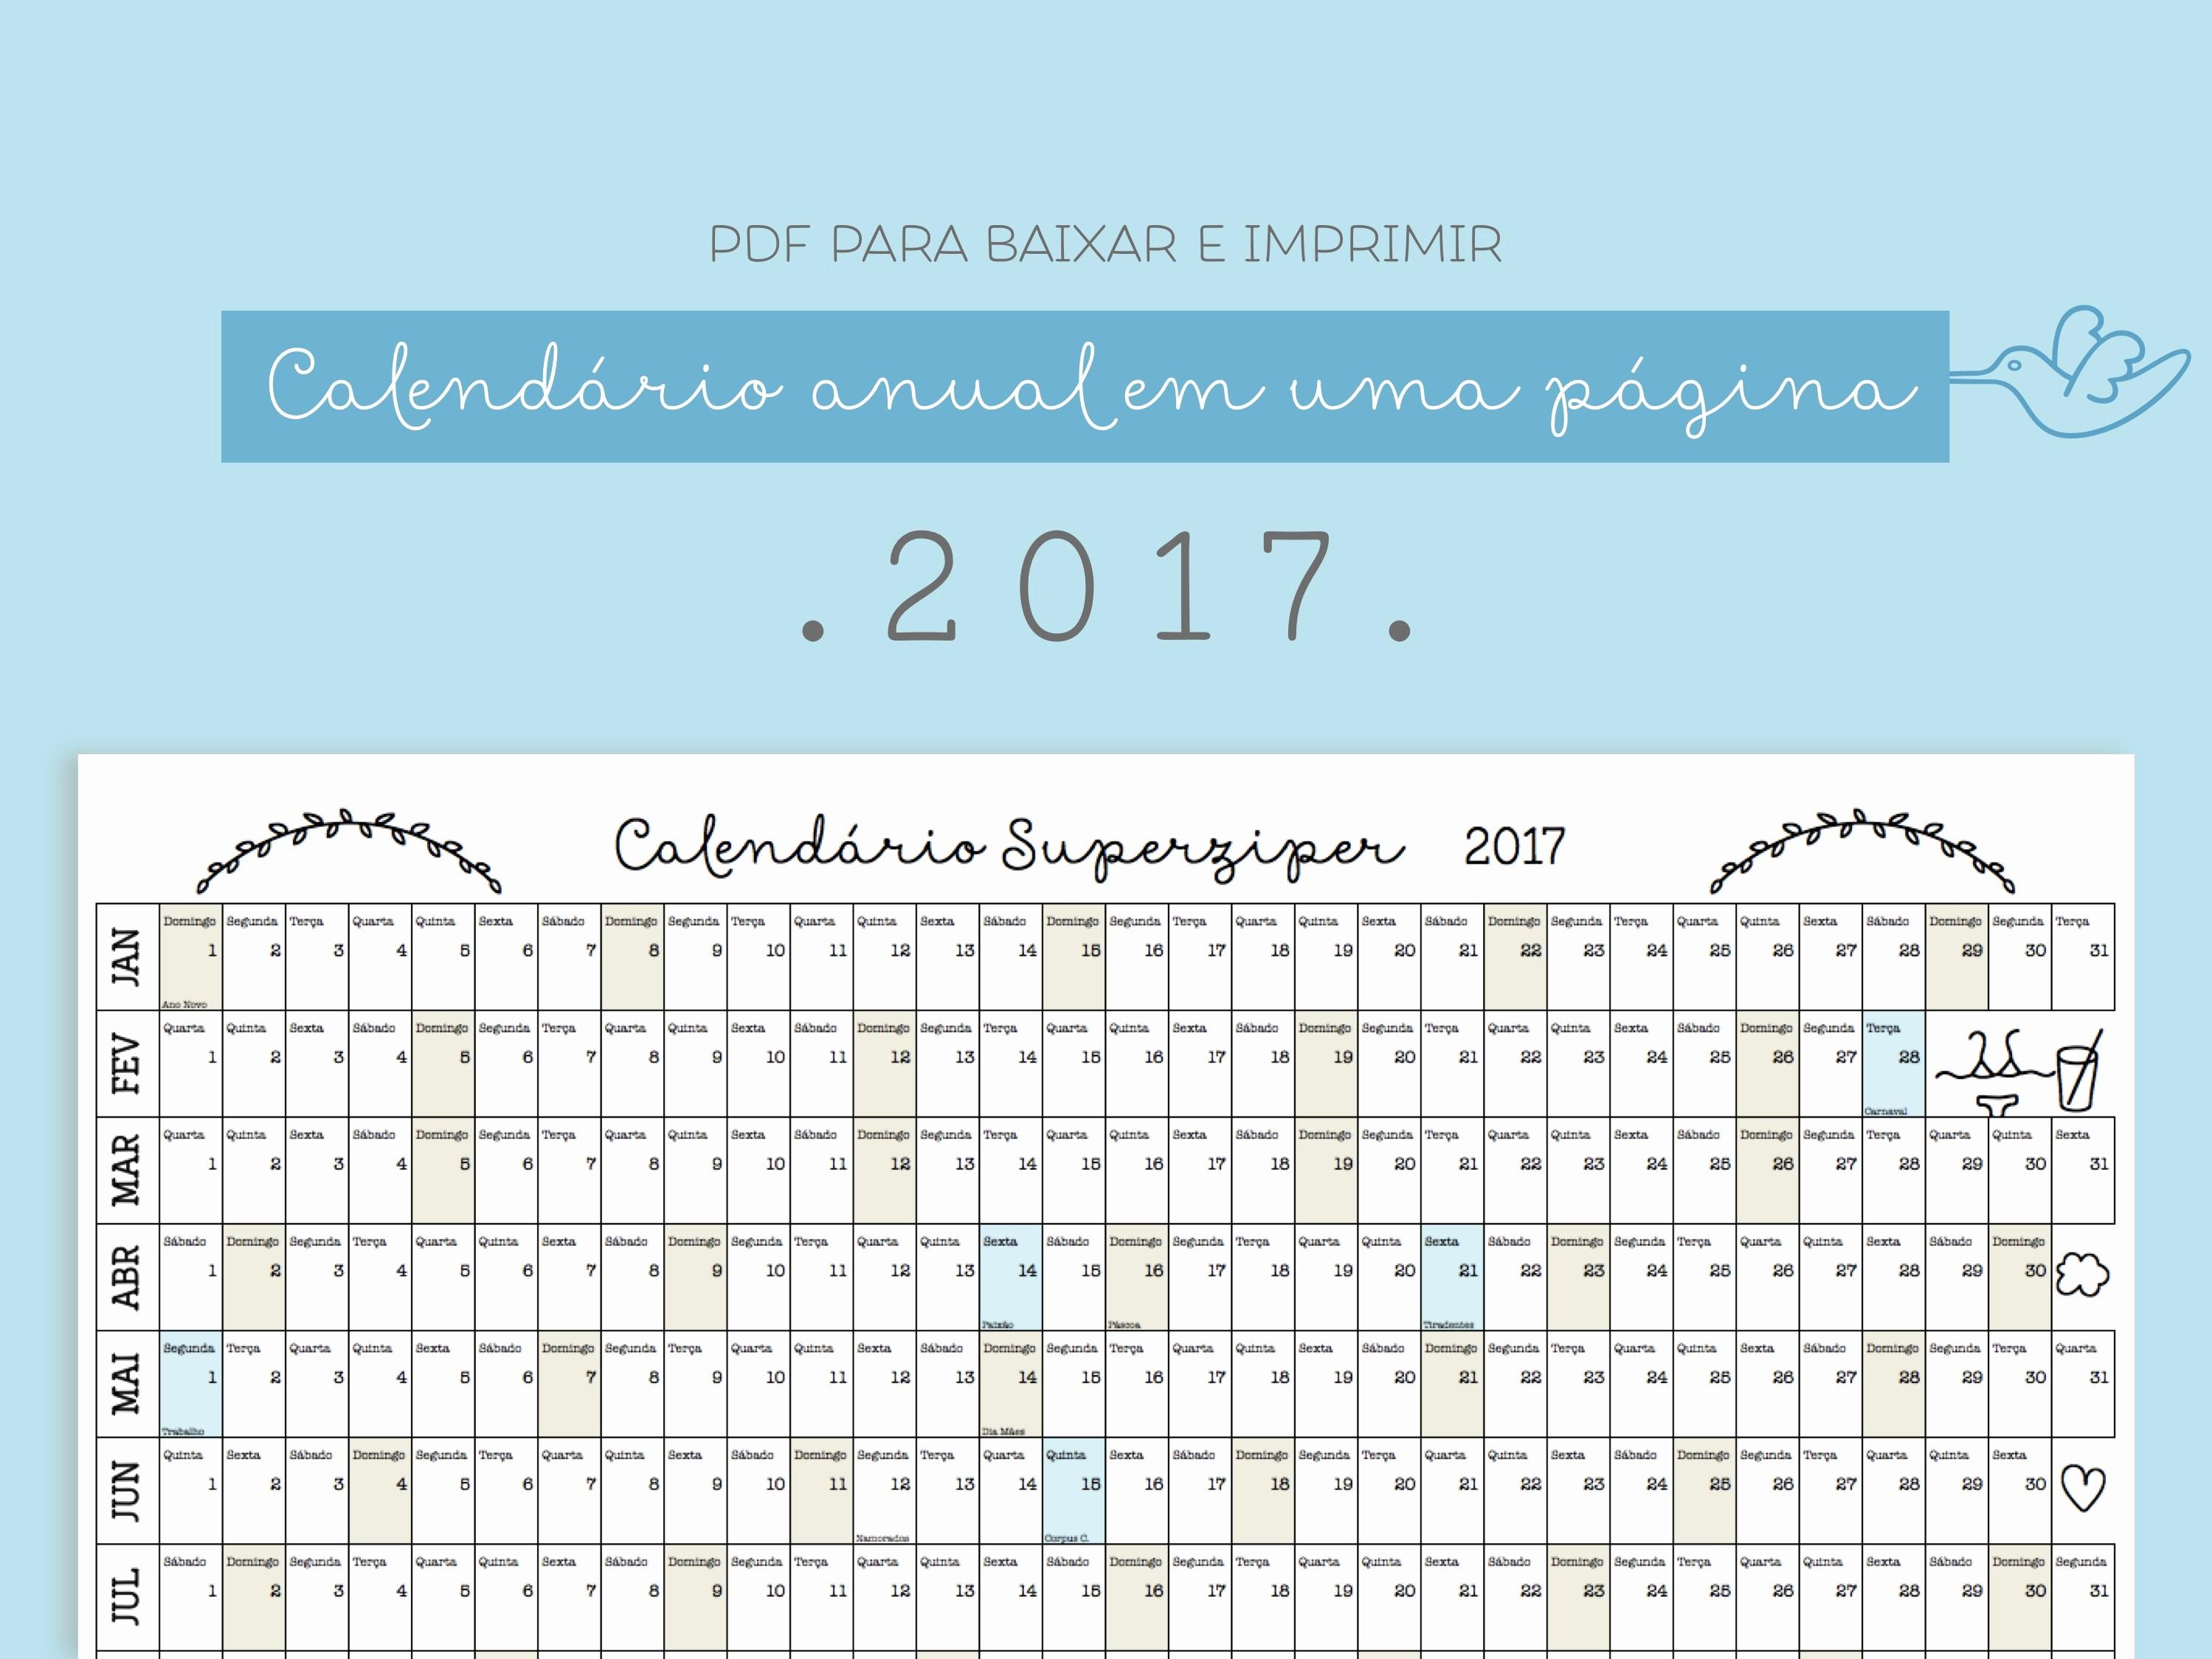 Calendario Anual 2017 Para Imprimir Inspirational Calendário 2017 Para Imprimir